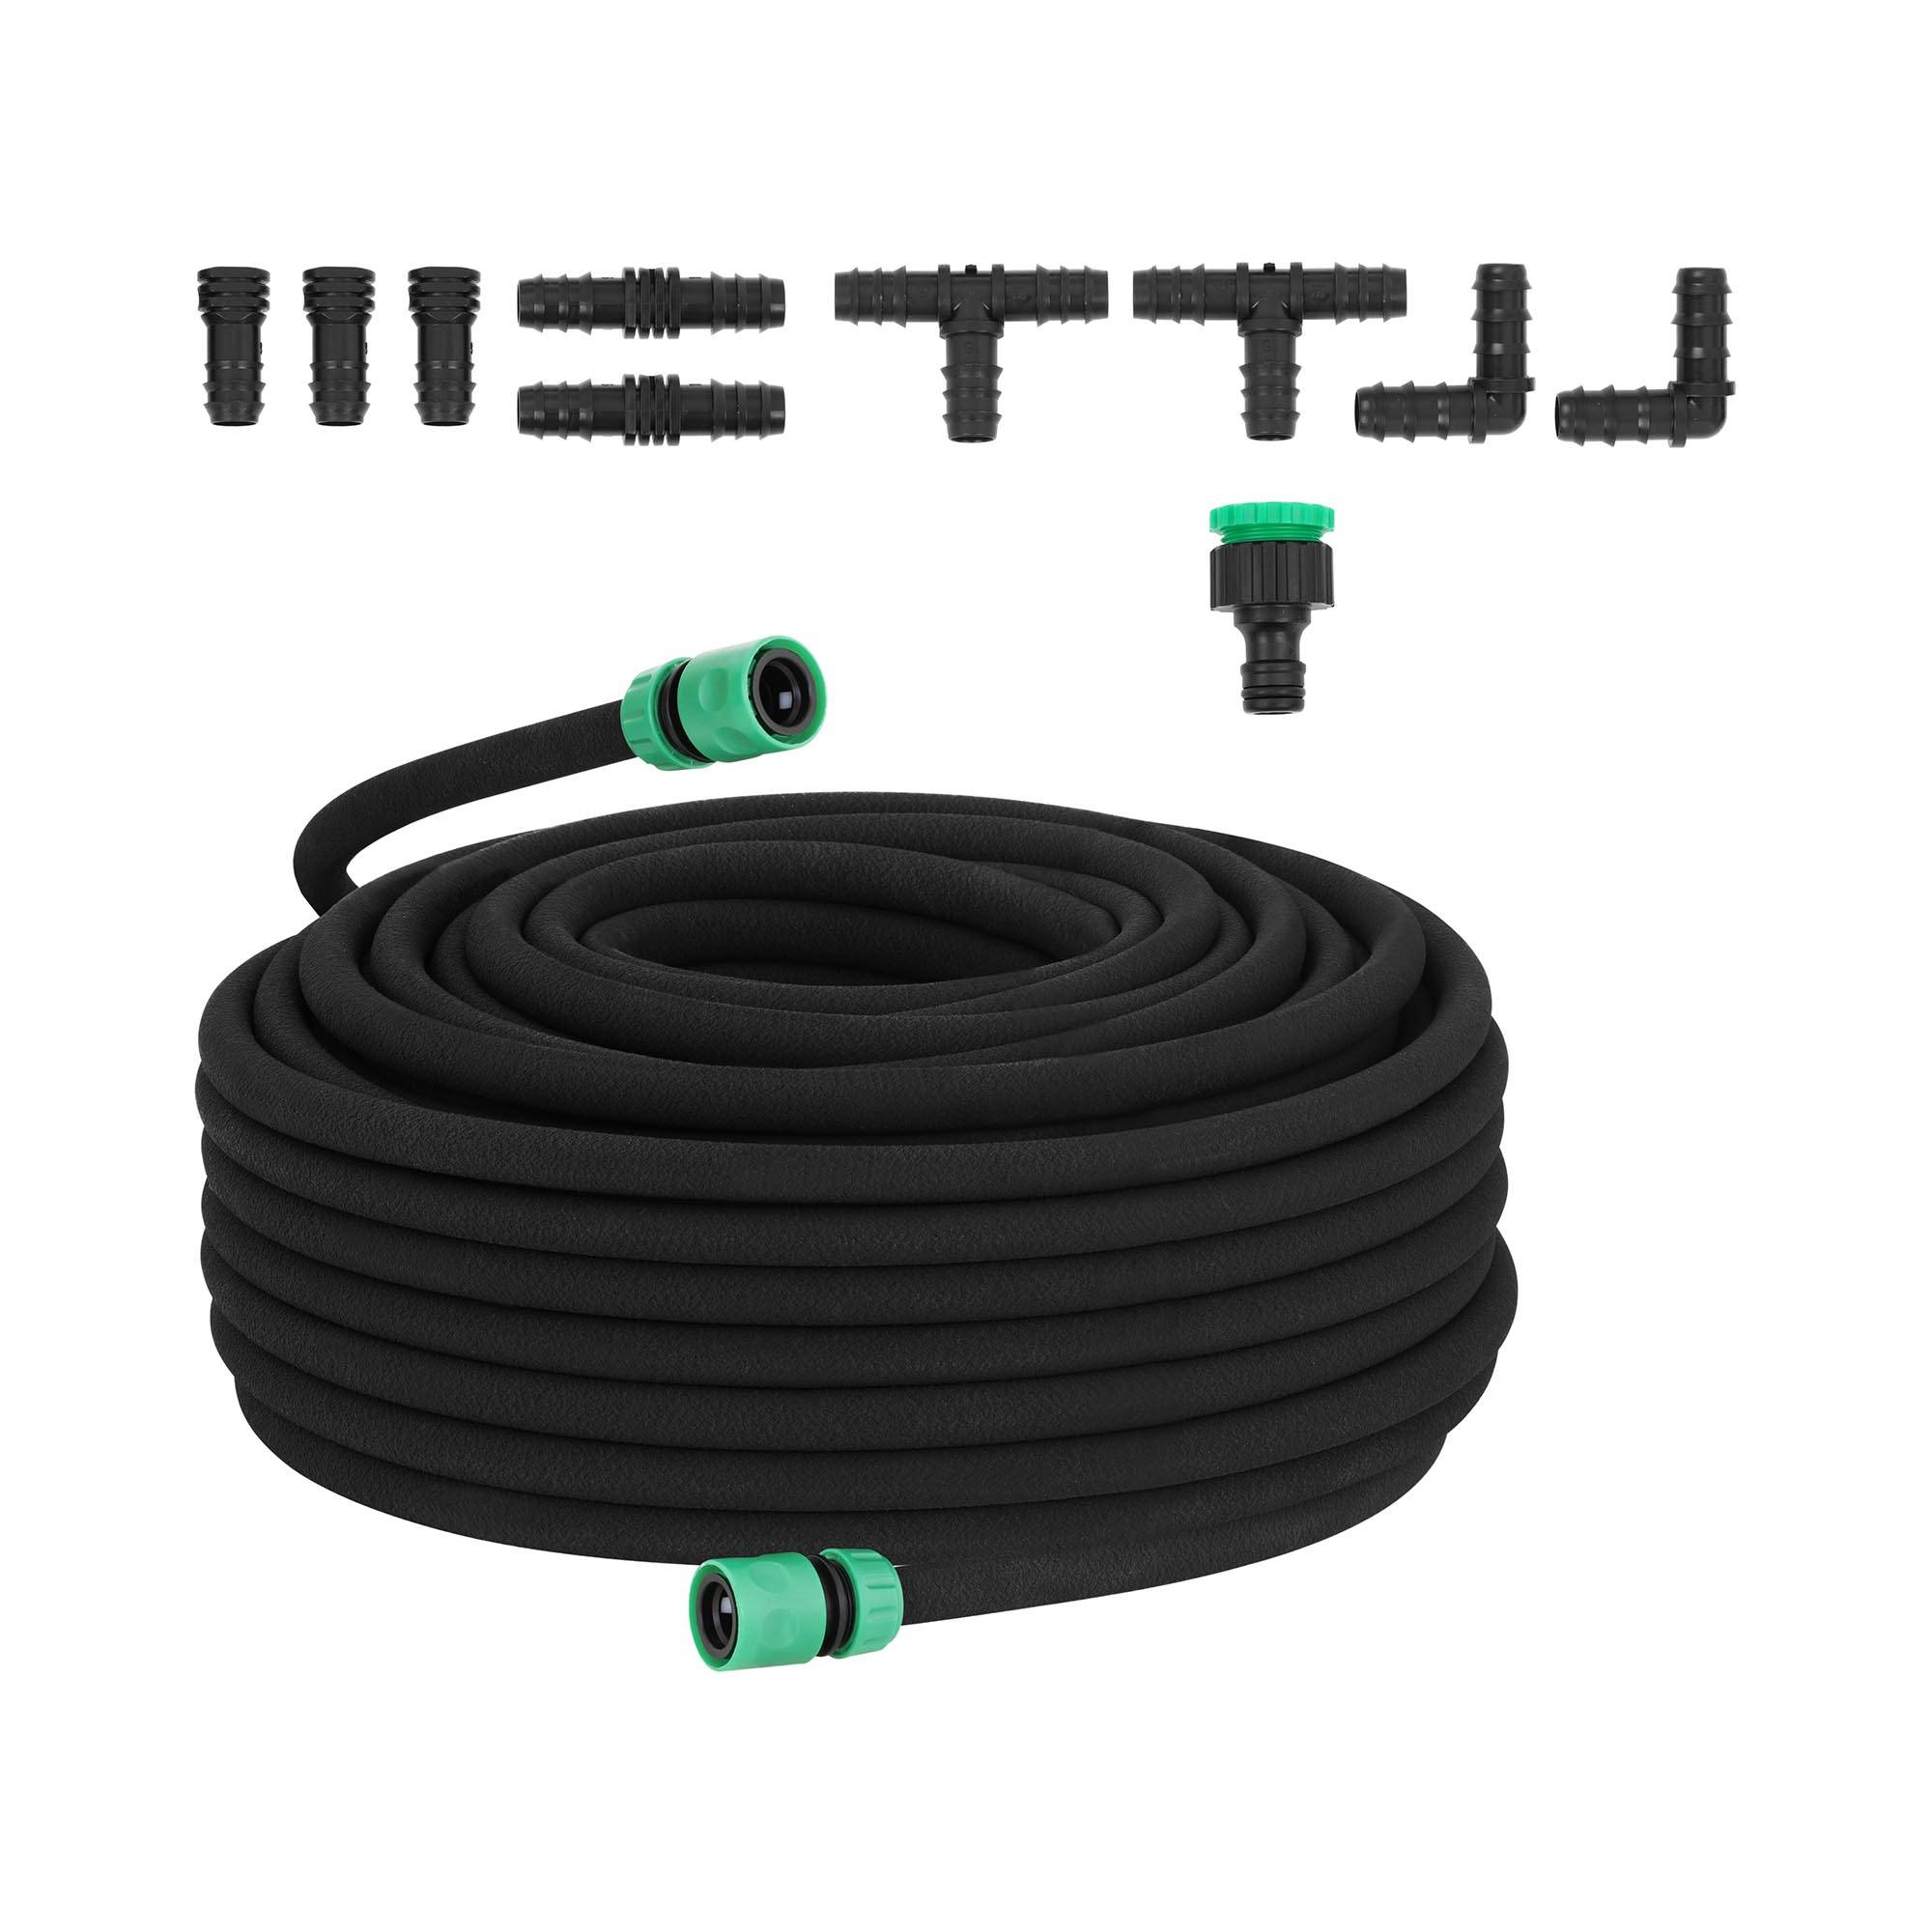 hillvert Dryppslange - 50 m + kobling